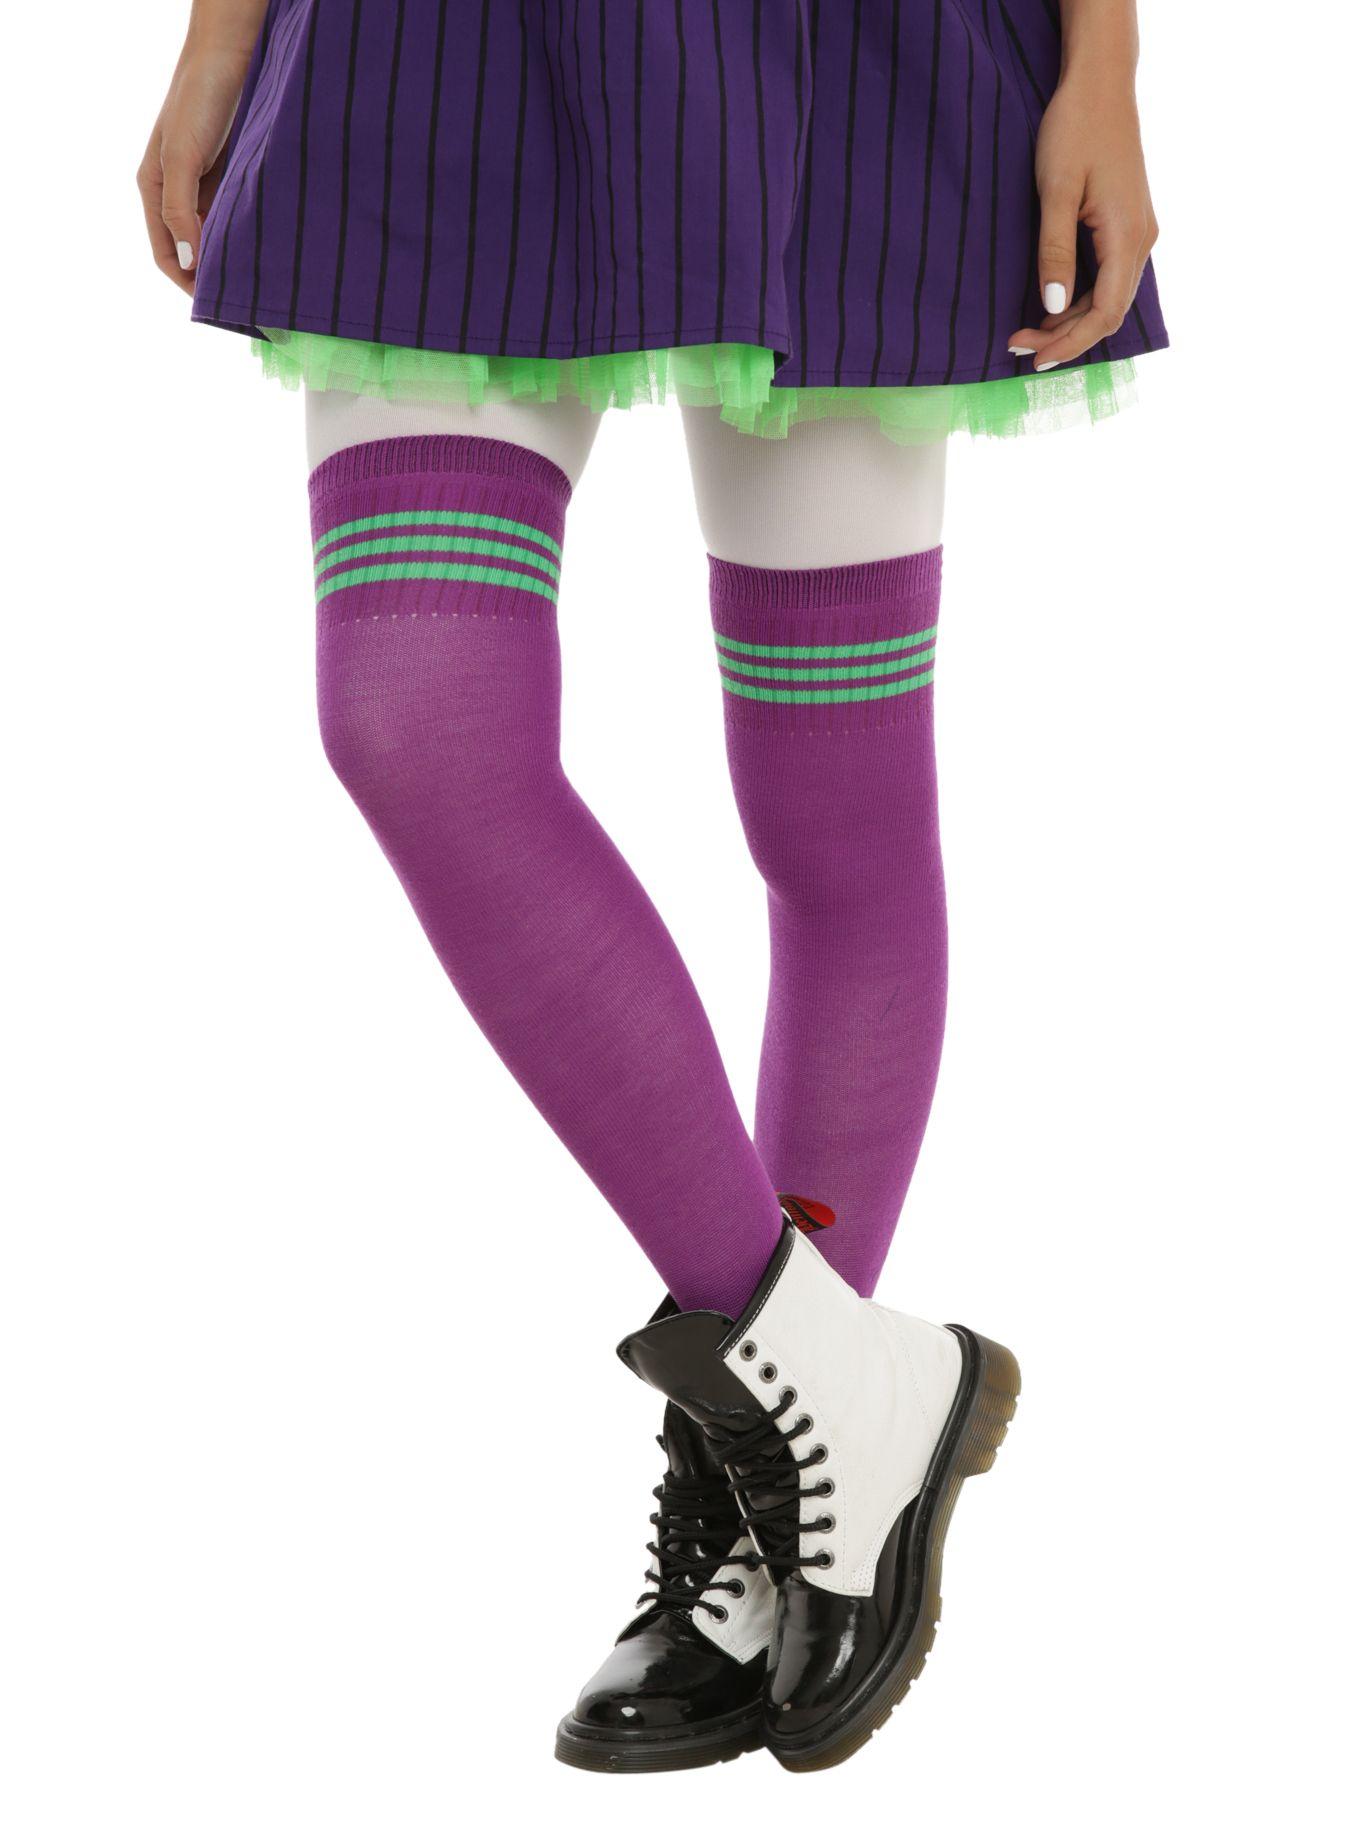 959e93d36d8 DC Comics The Joker Over-The-Knee Socks